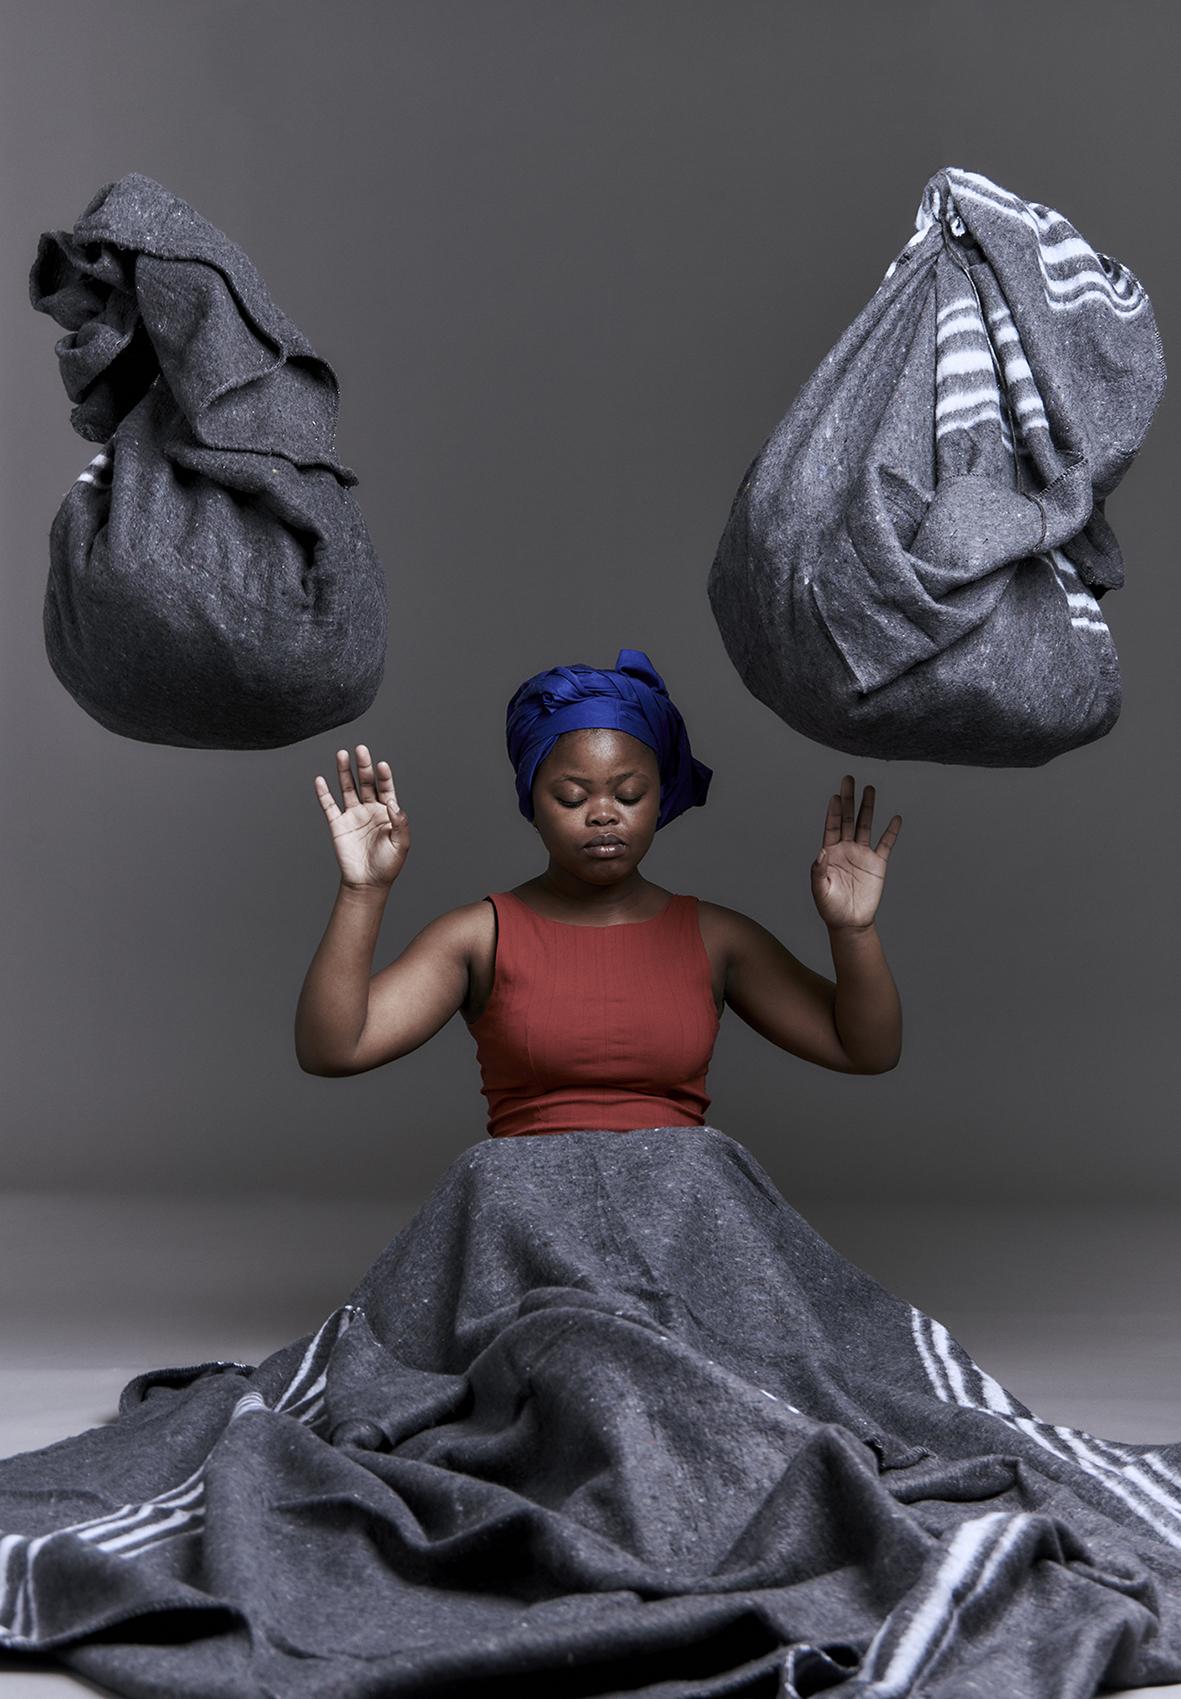 Nobukho Nqaba_Undibizela kuwe II (Conjure)_giclee print on hahnemule_594 x 420mm_2016.jpg